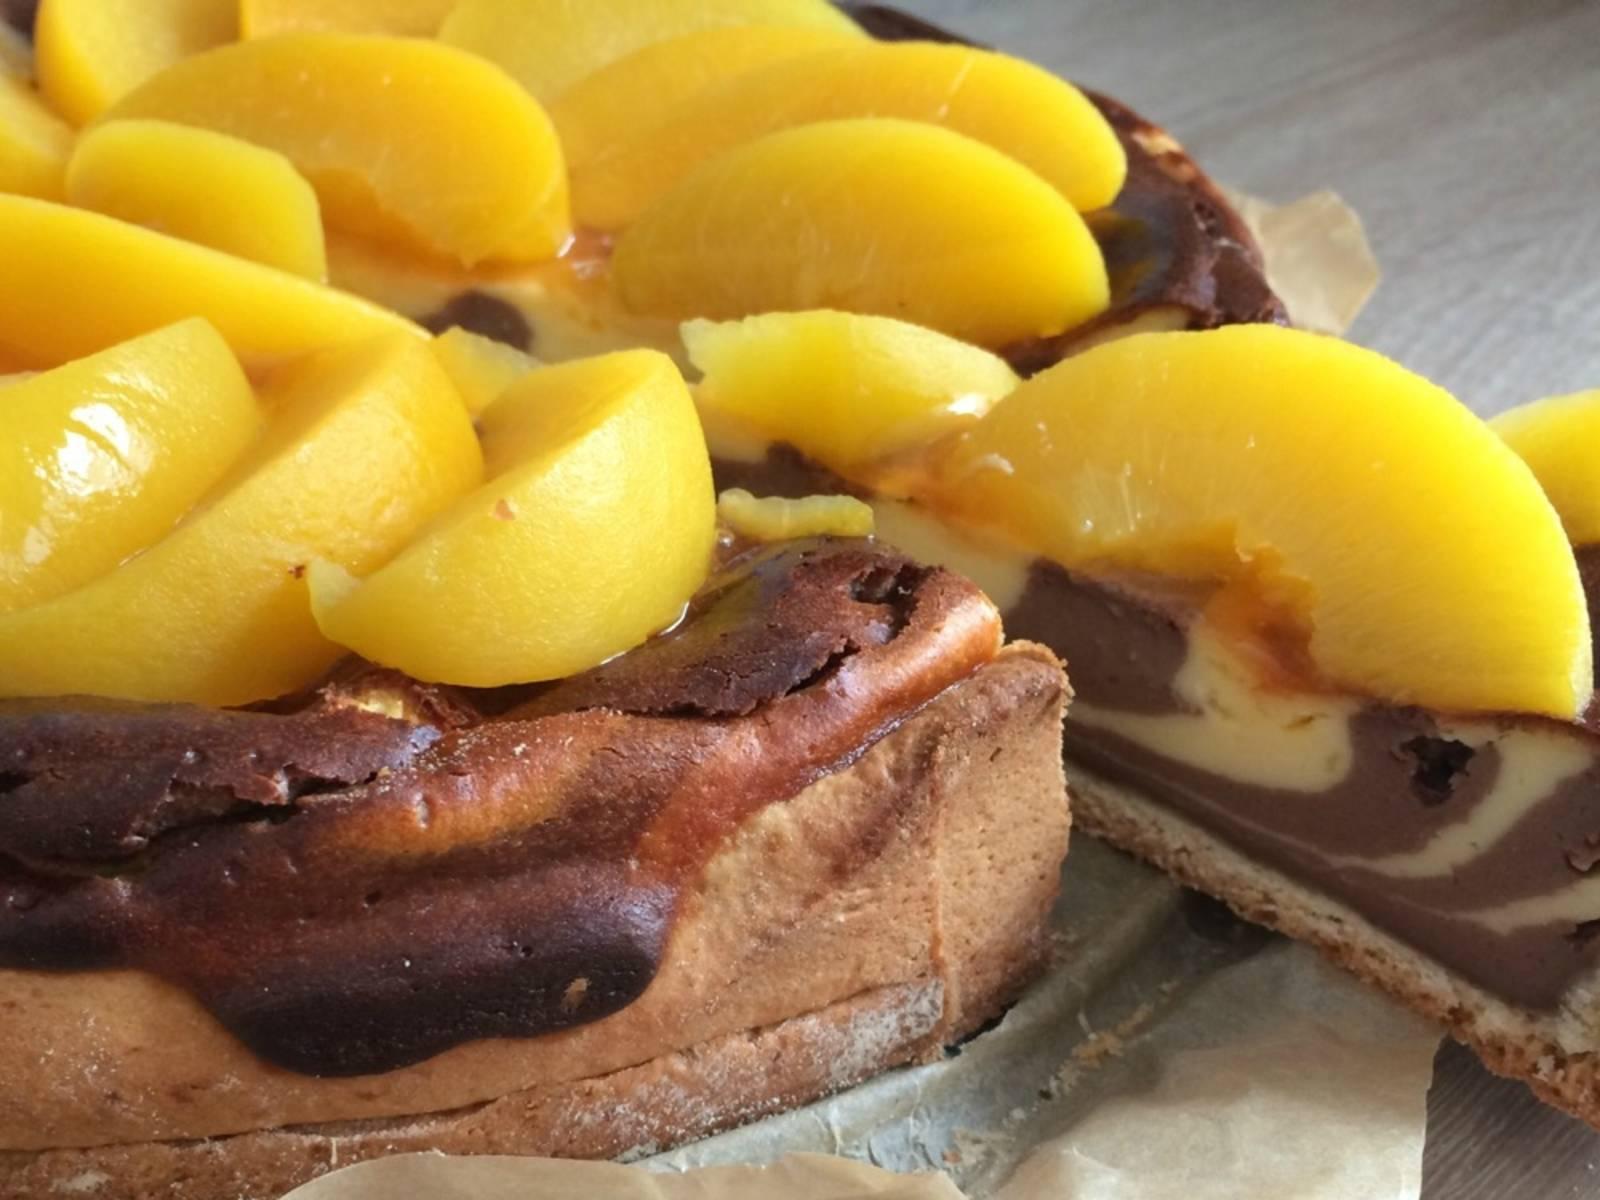 可以搭配喜欢的水果享用蛋糕(也可以选择不放水果)。首先,将果酱抹到蛋糕上,然后铺上甩干水分的水果片。尽情享用吧!